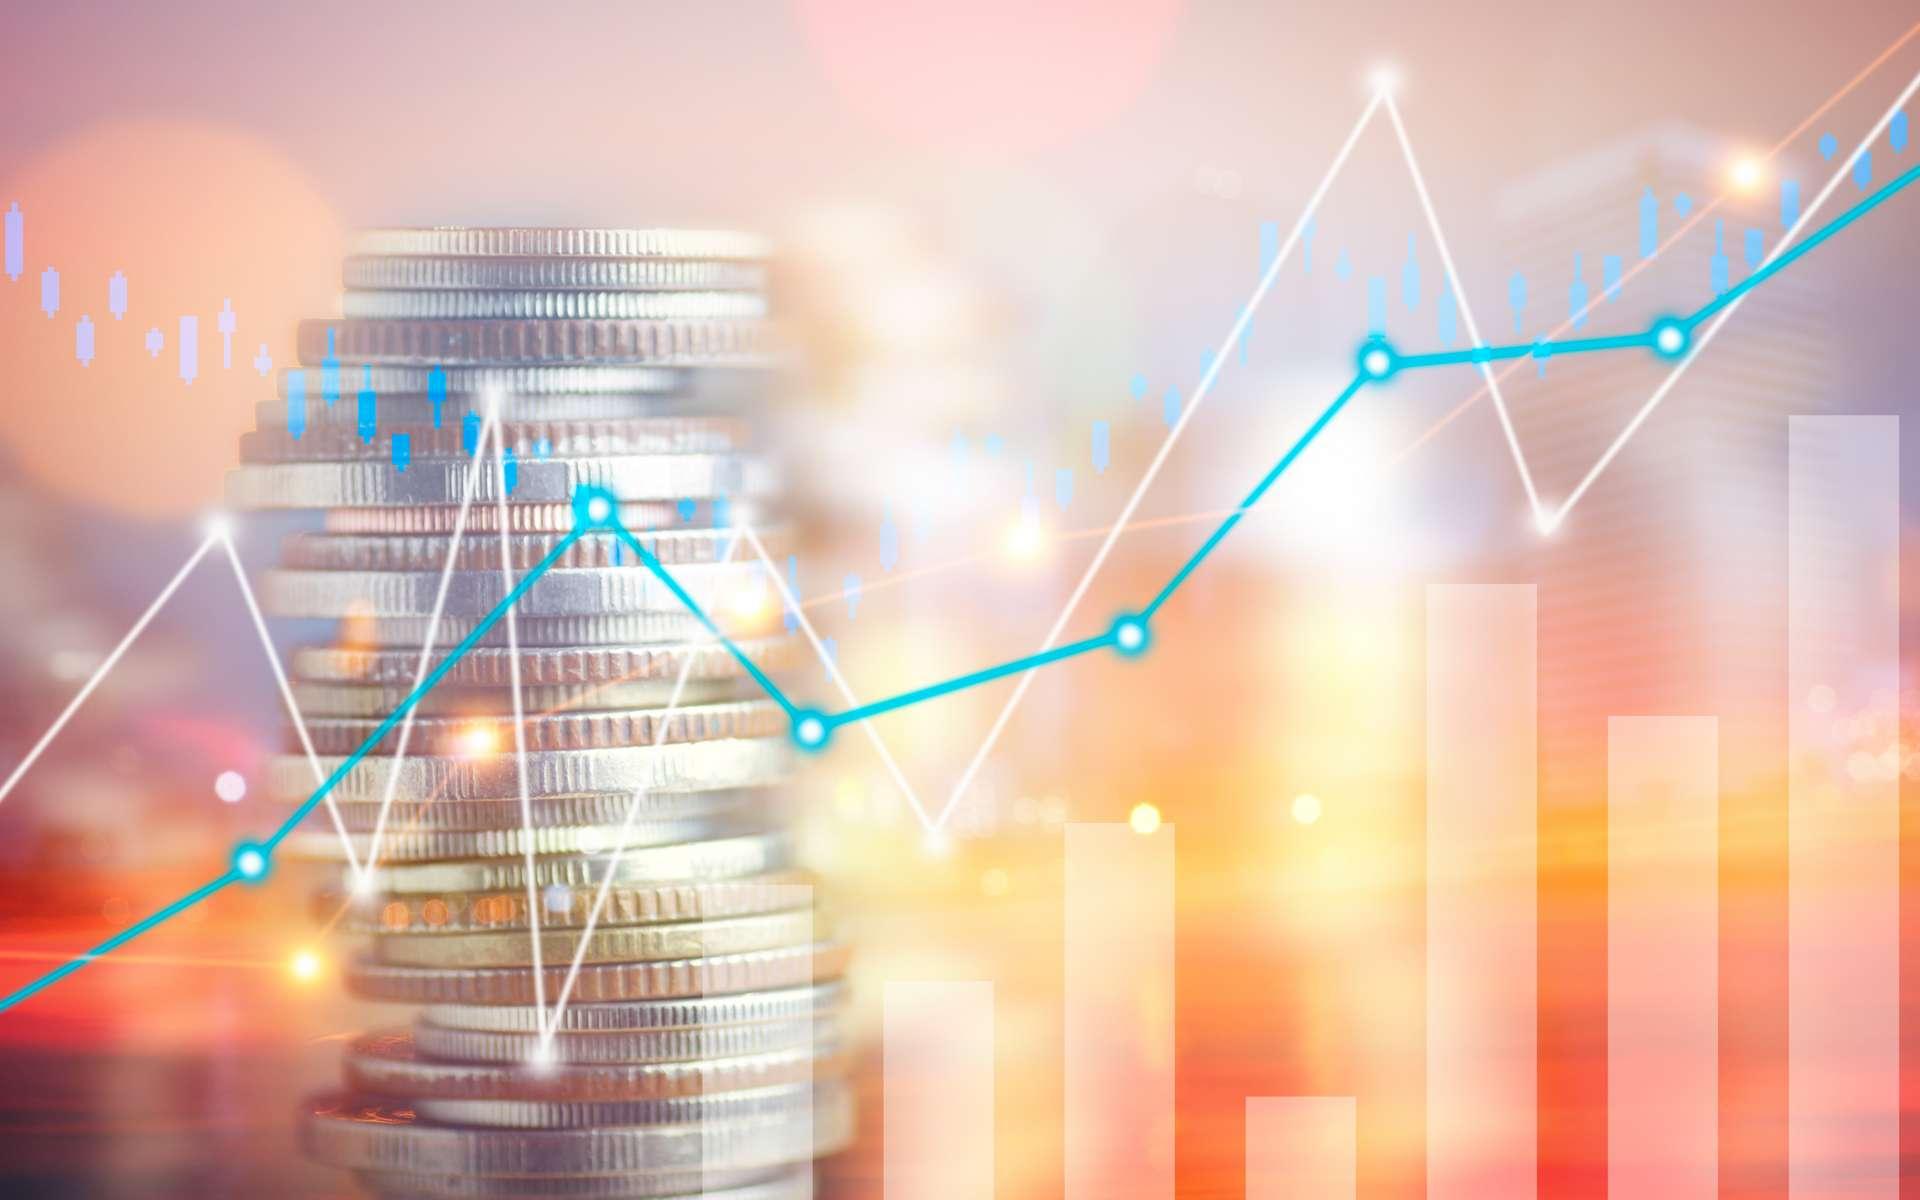 Comme tout placement, la prudence est de mise et il est conseillé de diversifier son portefeuille d'obligations pour éviter les déconvenues. © ngad, Adobe Stock